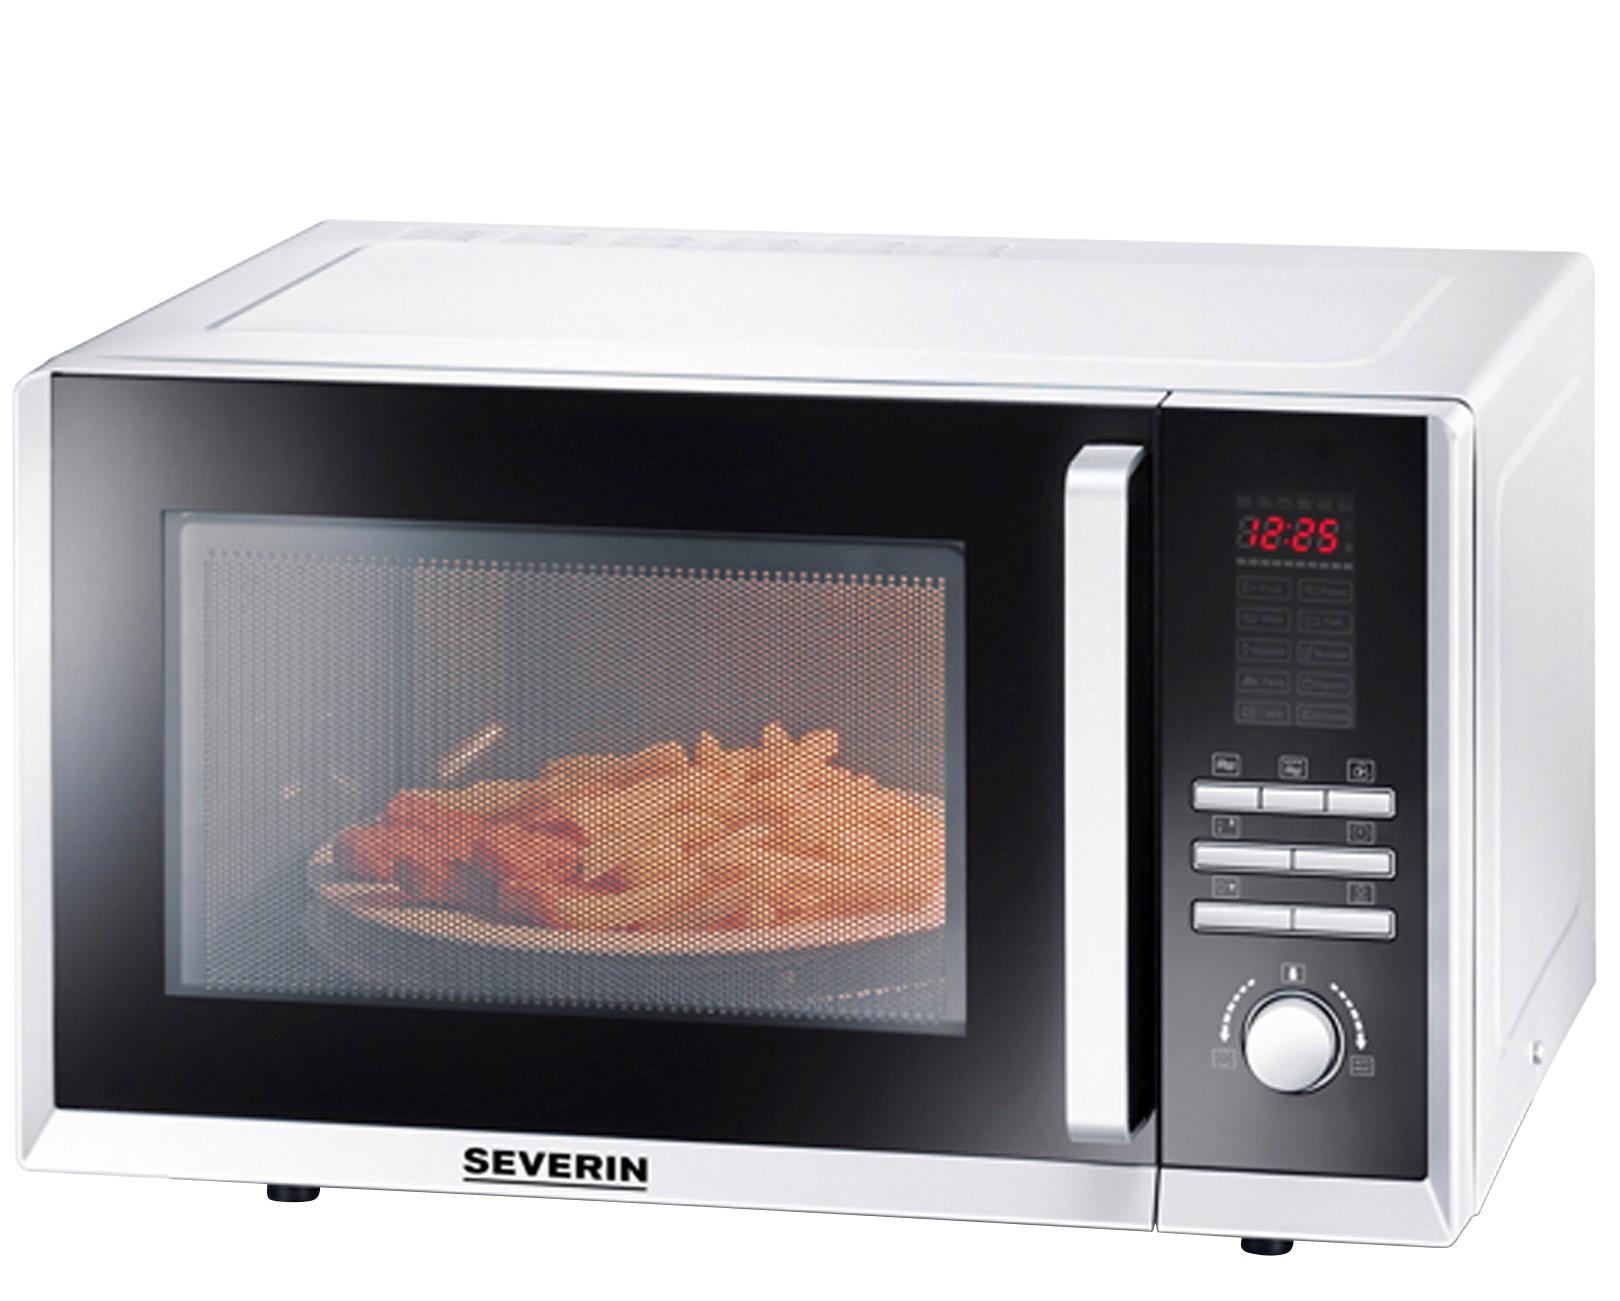 Microovne - nem madlavning. Lækkert design. Alstrom Isenkram